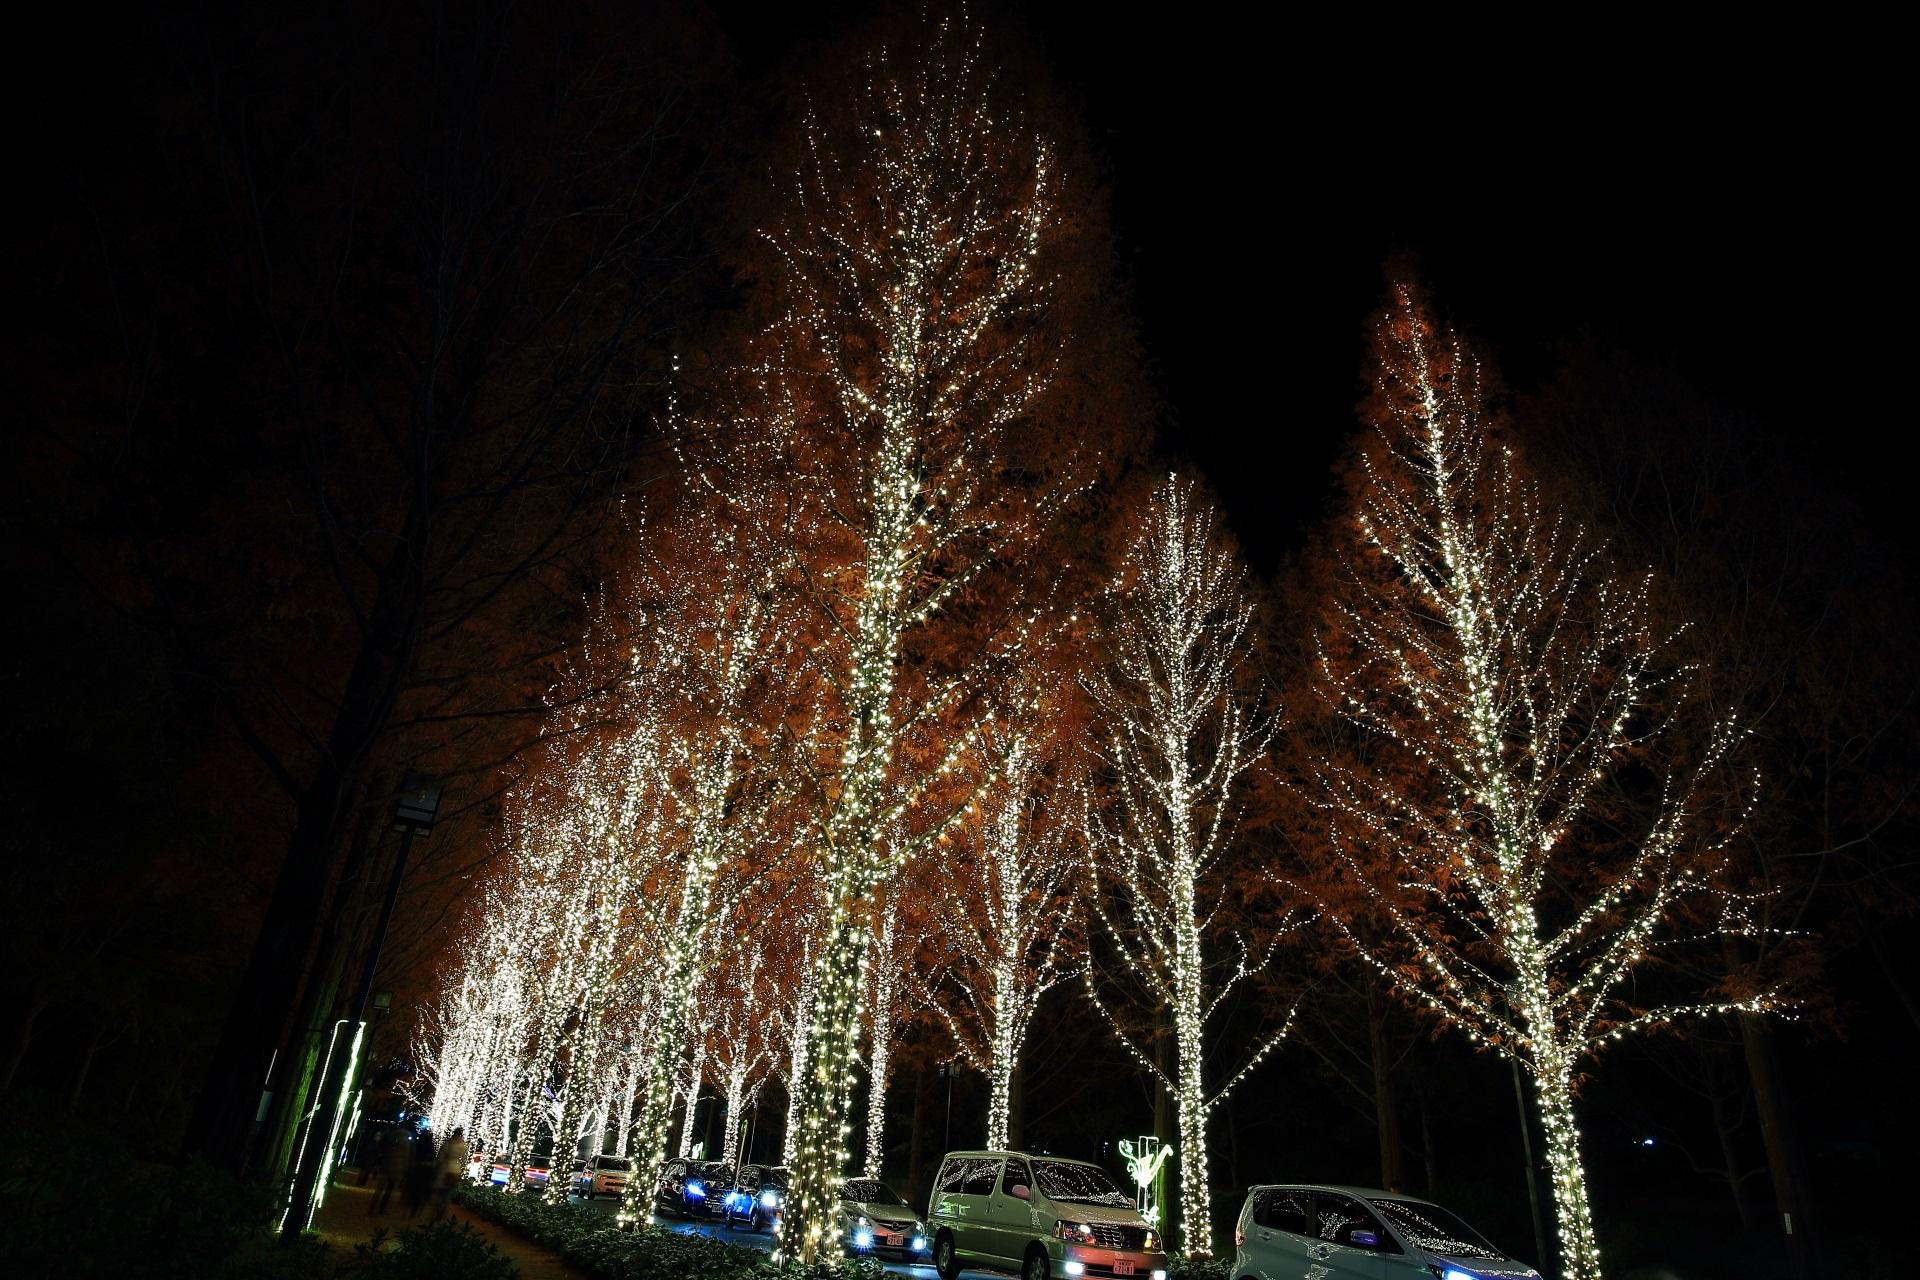 光のプロムナード ロームイルミネーション メタセコイア並木